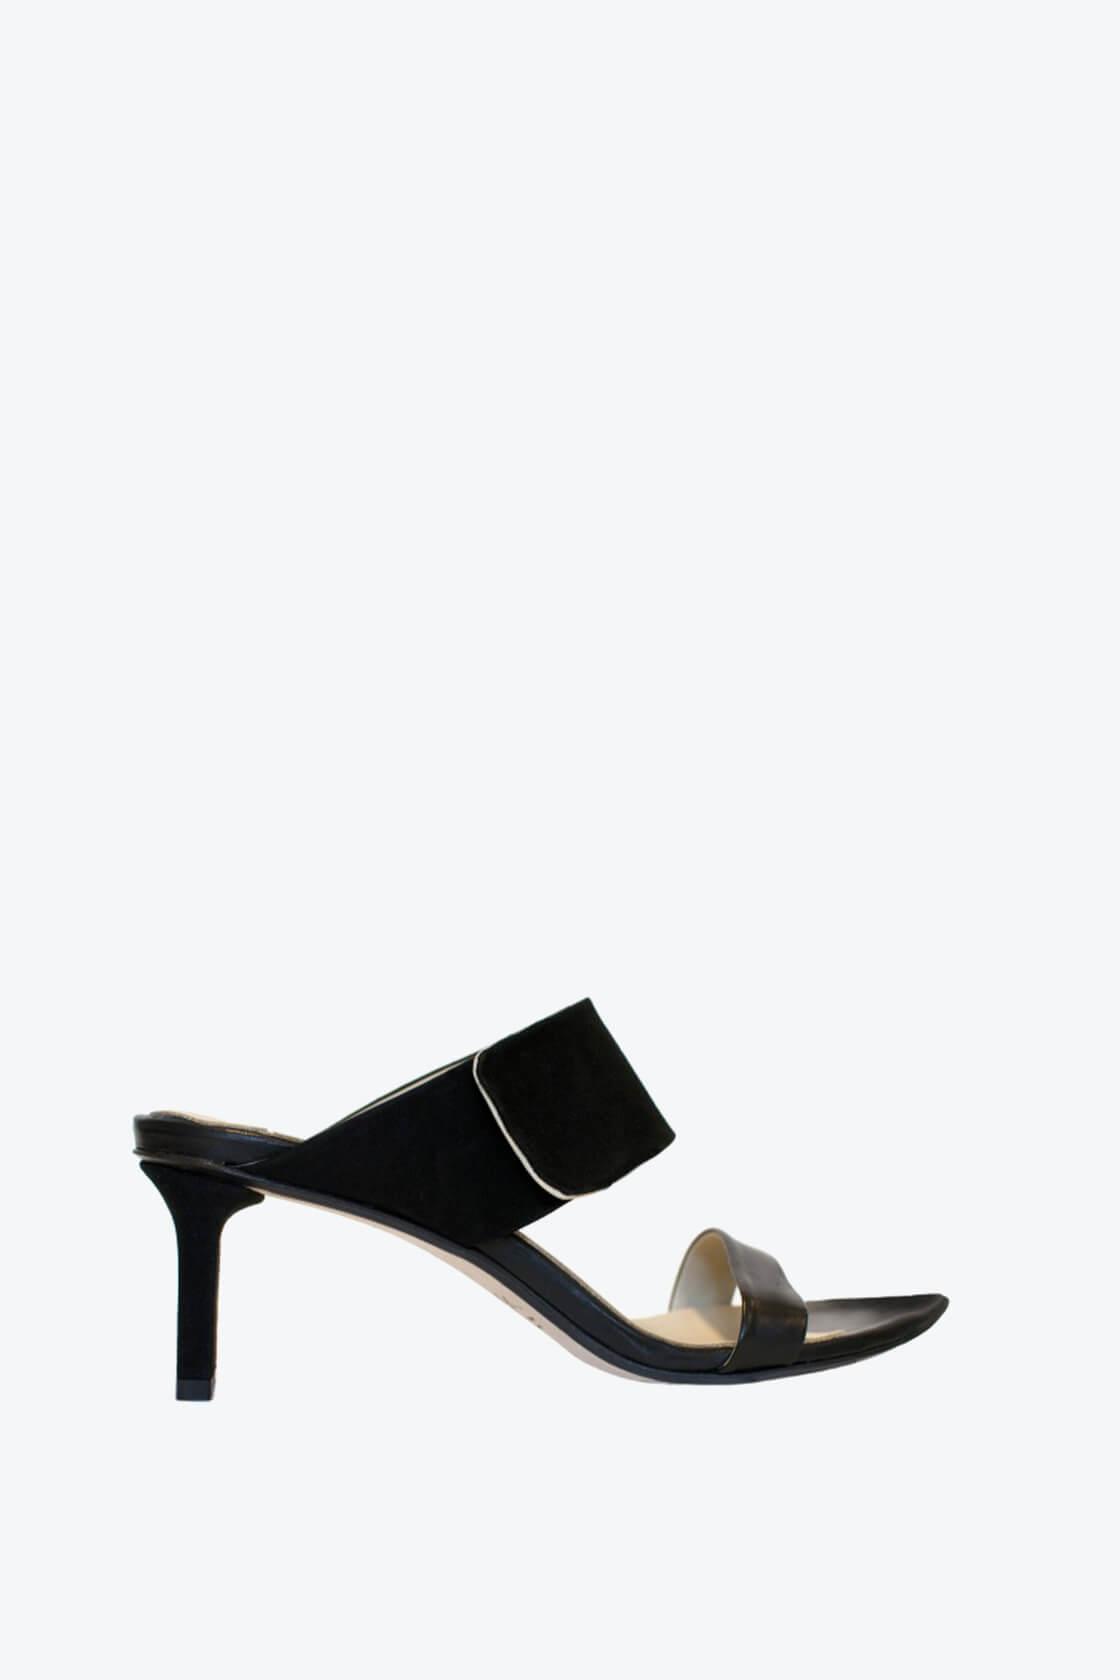 EJK0000010 Lucille strap sandals black 1